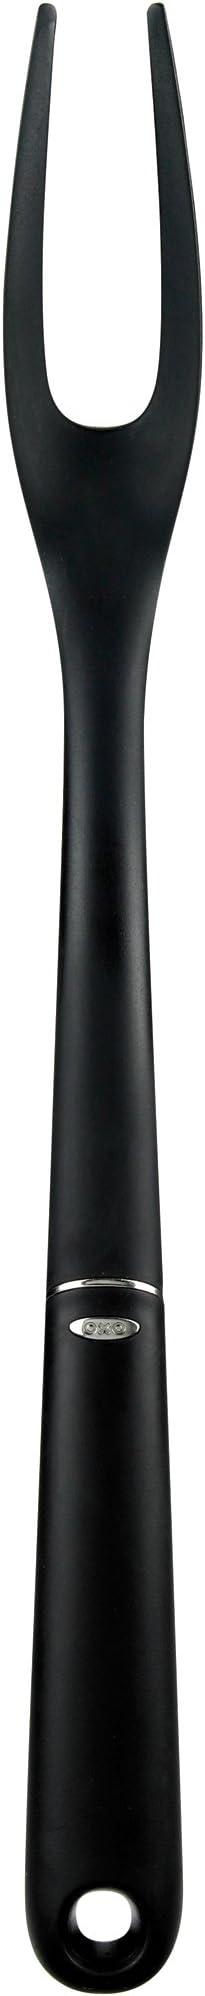 OXO Good Grips Nylon Fork